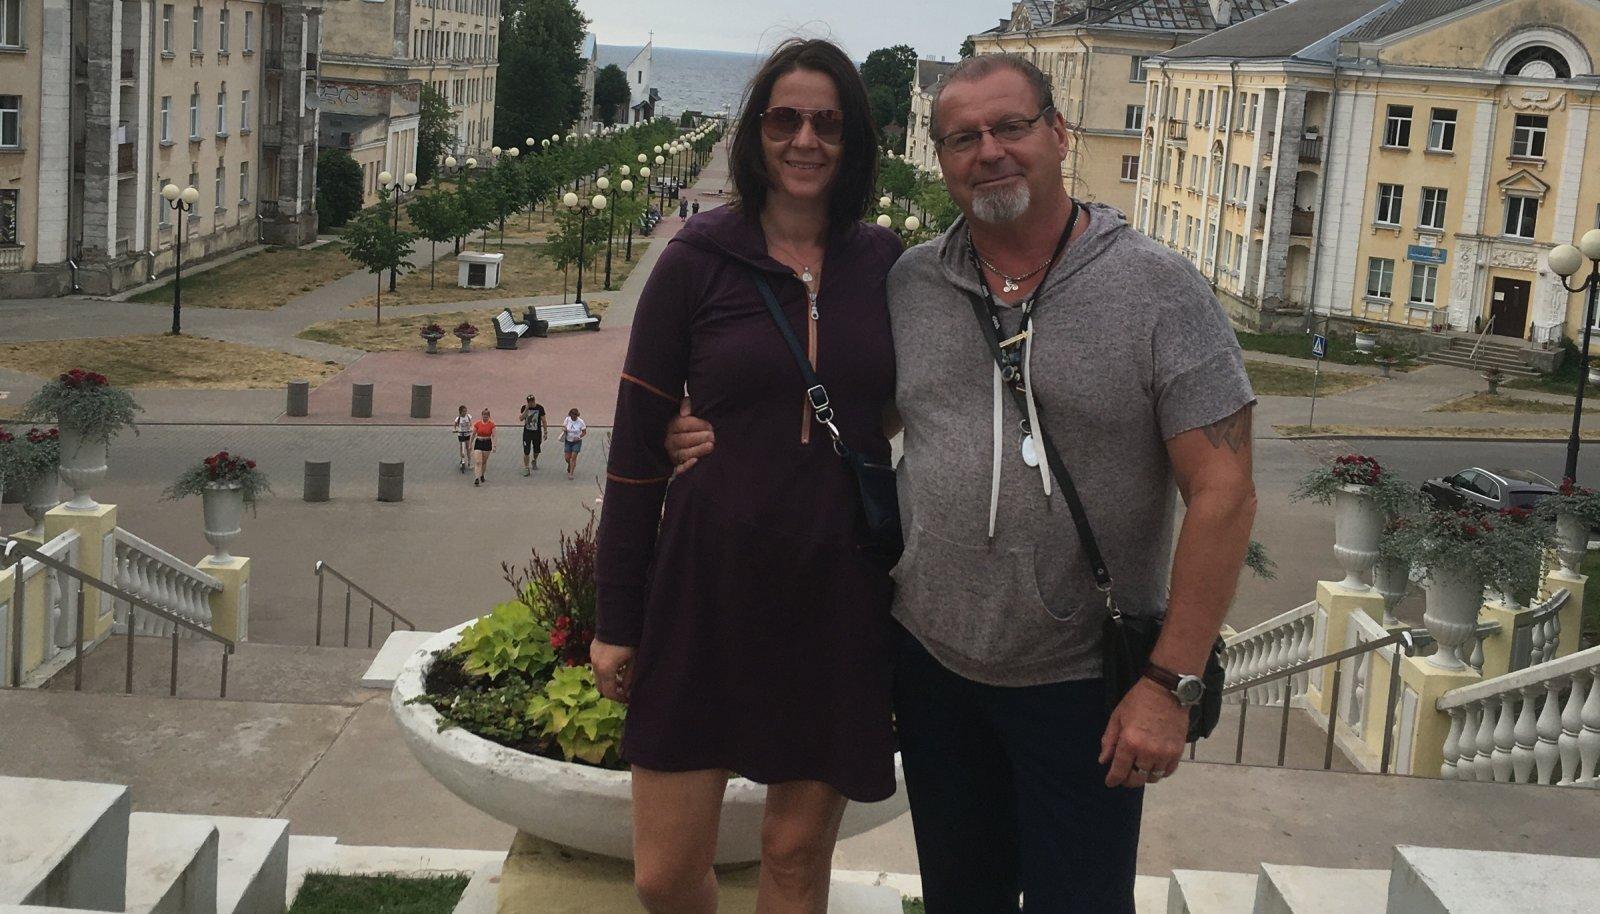 JUUBELI AEGU 14. juulil, kui Erich sai 60, seikles ta Mariaga hoopis Ida-Virumaal. Kaadris poseerib paar parajasti Sillamäe promenaadil.